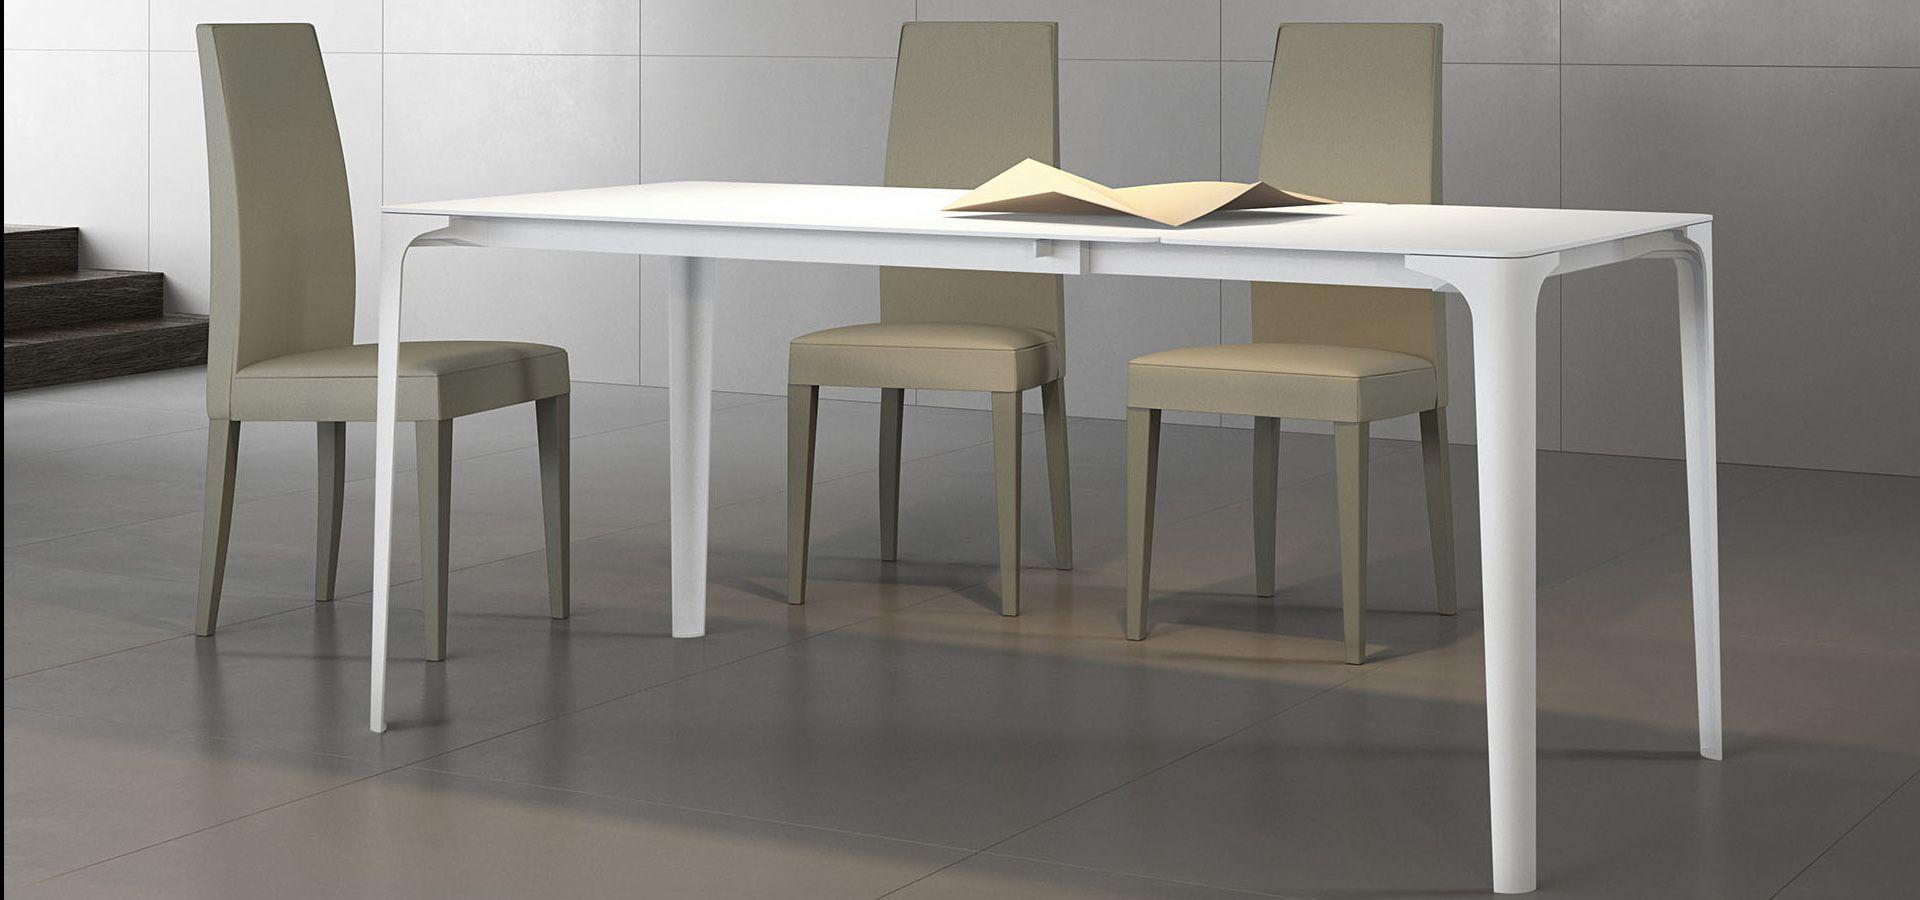 Consolle Allungabile Madrid.Pin Di Arredo3 Su Tavoli Moderni Tavolo Moderno Tavoli E